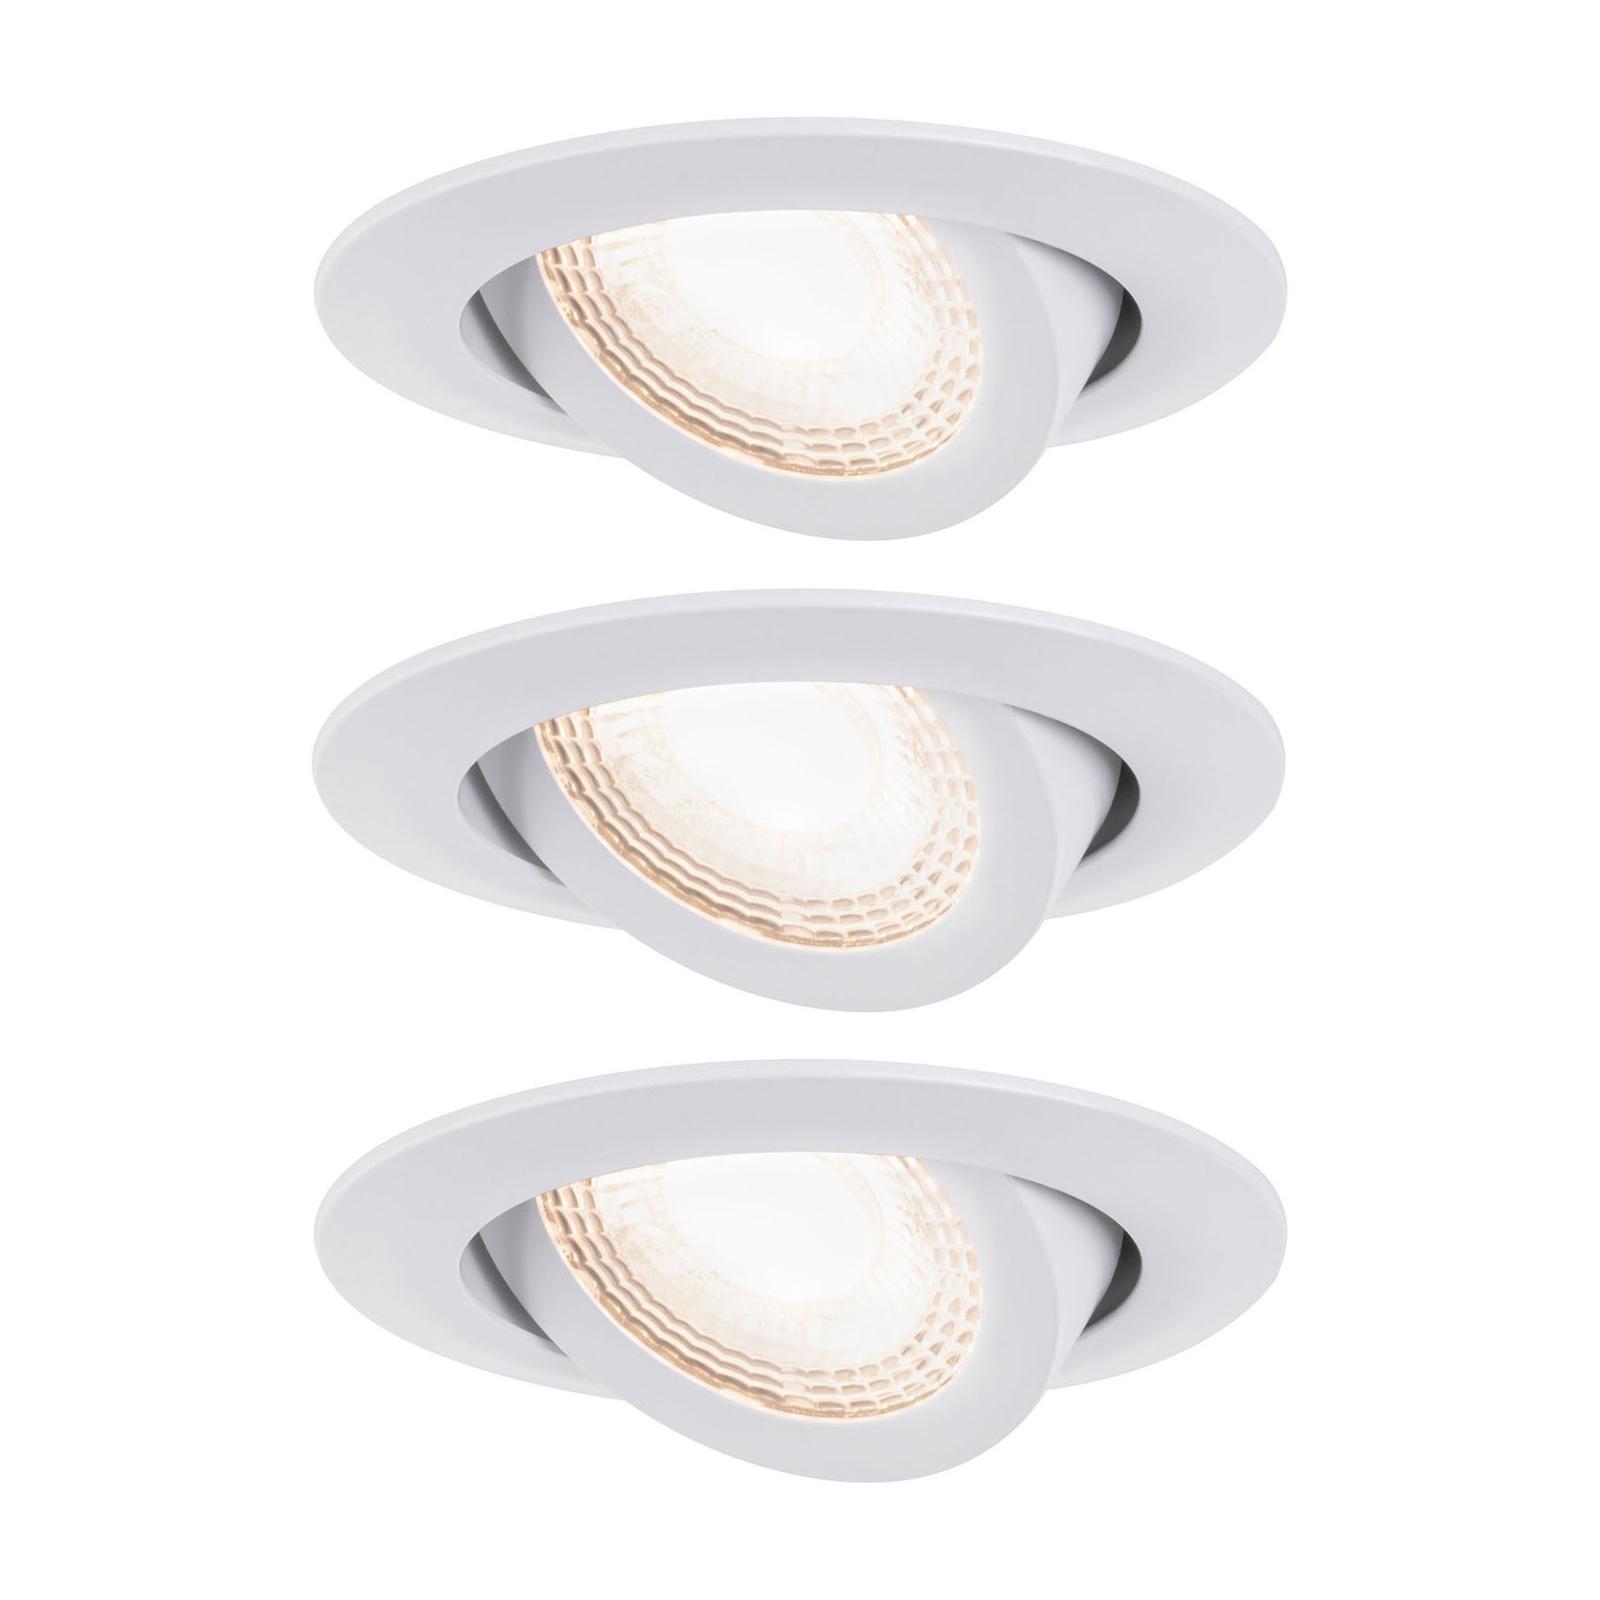 Paulmann 92985 LED-Einbauspot 3 x 6W, weiß matt